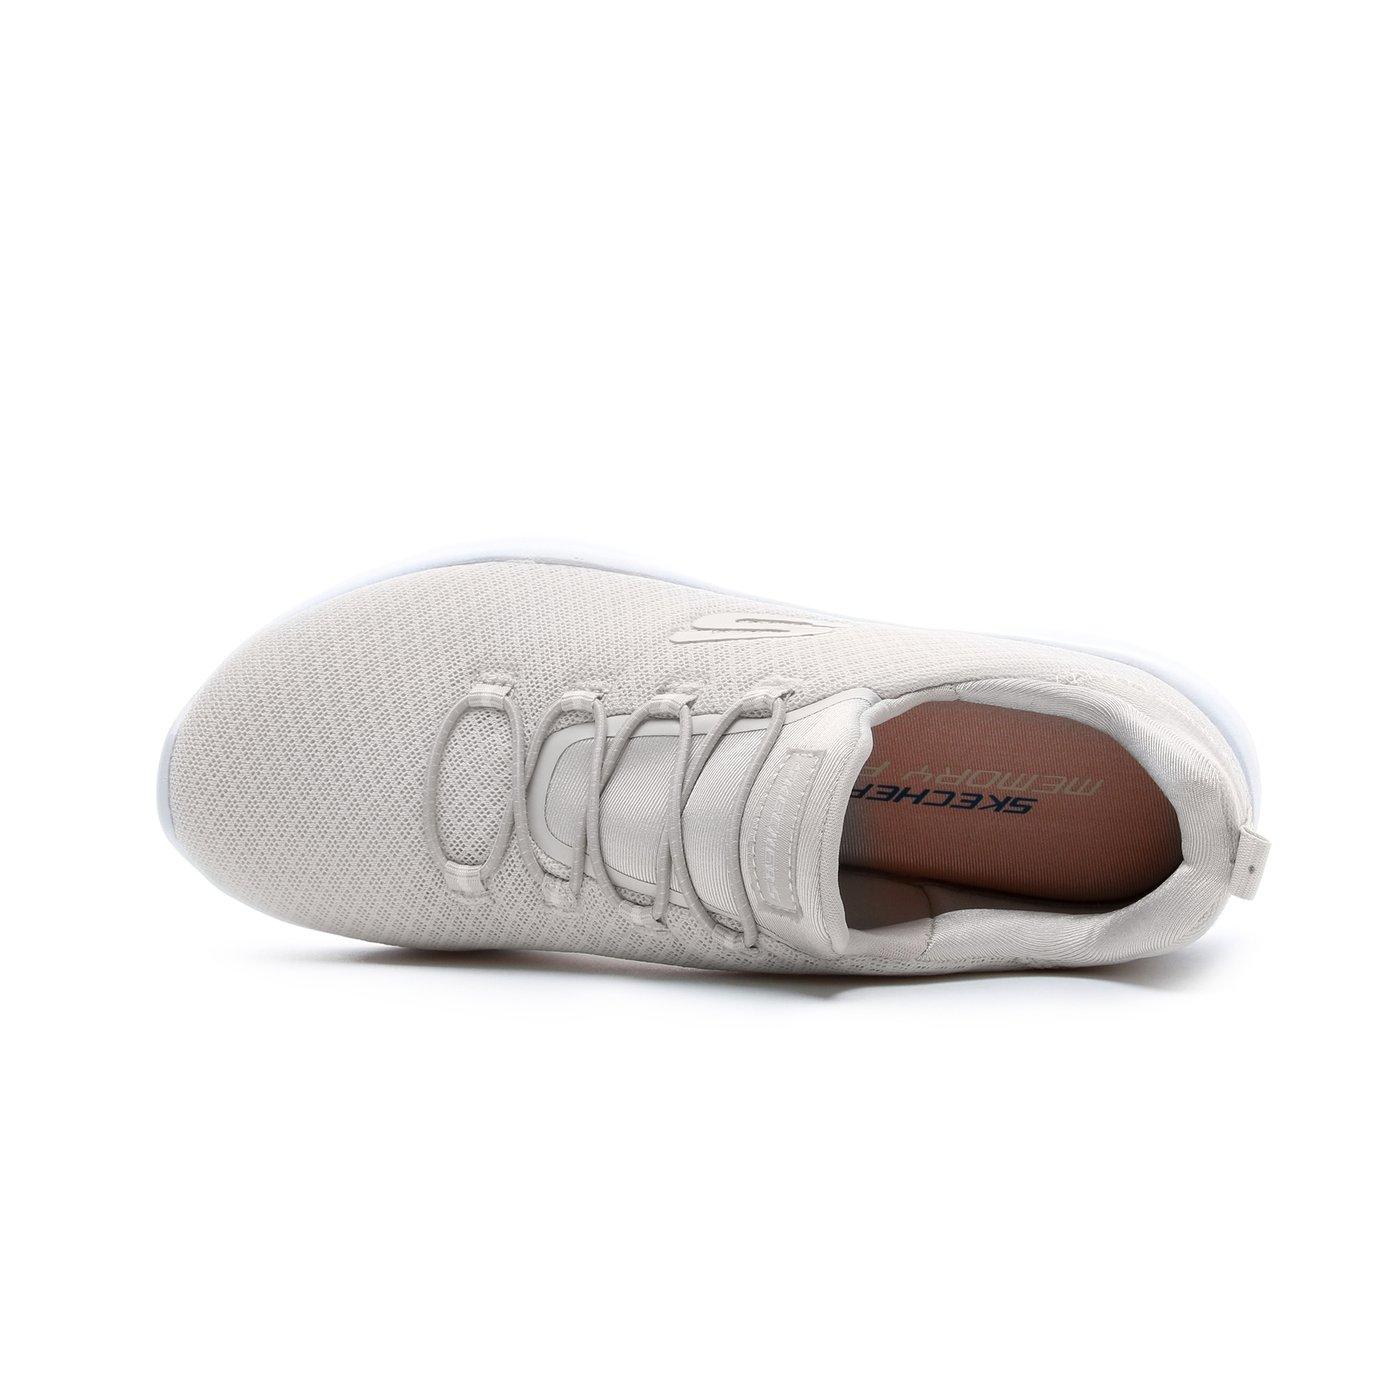 Skechers Dynamight Bej Kadın Spor Ayakkabı